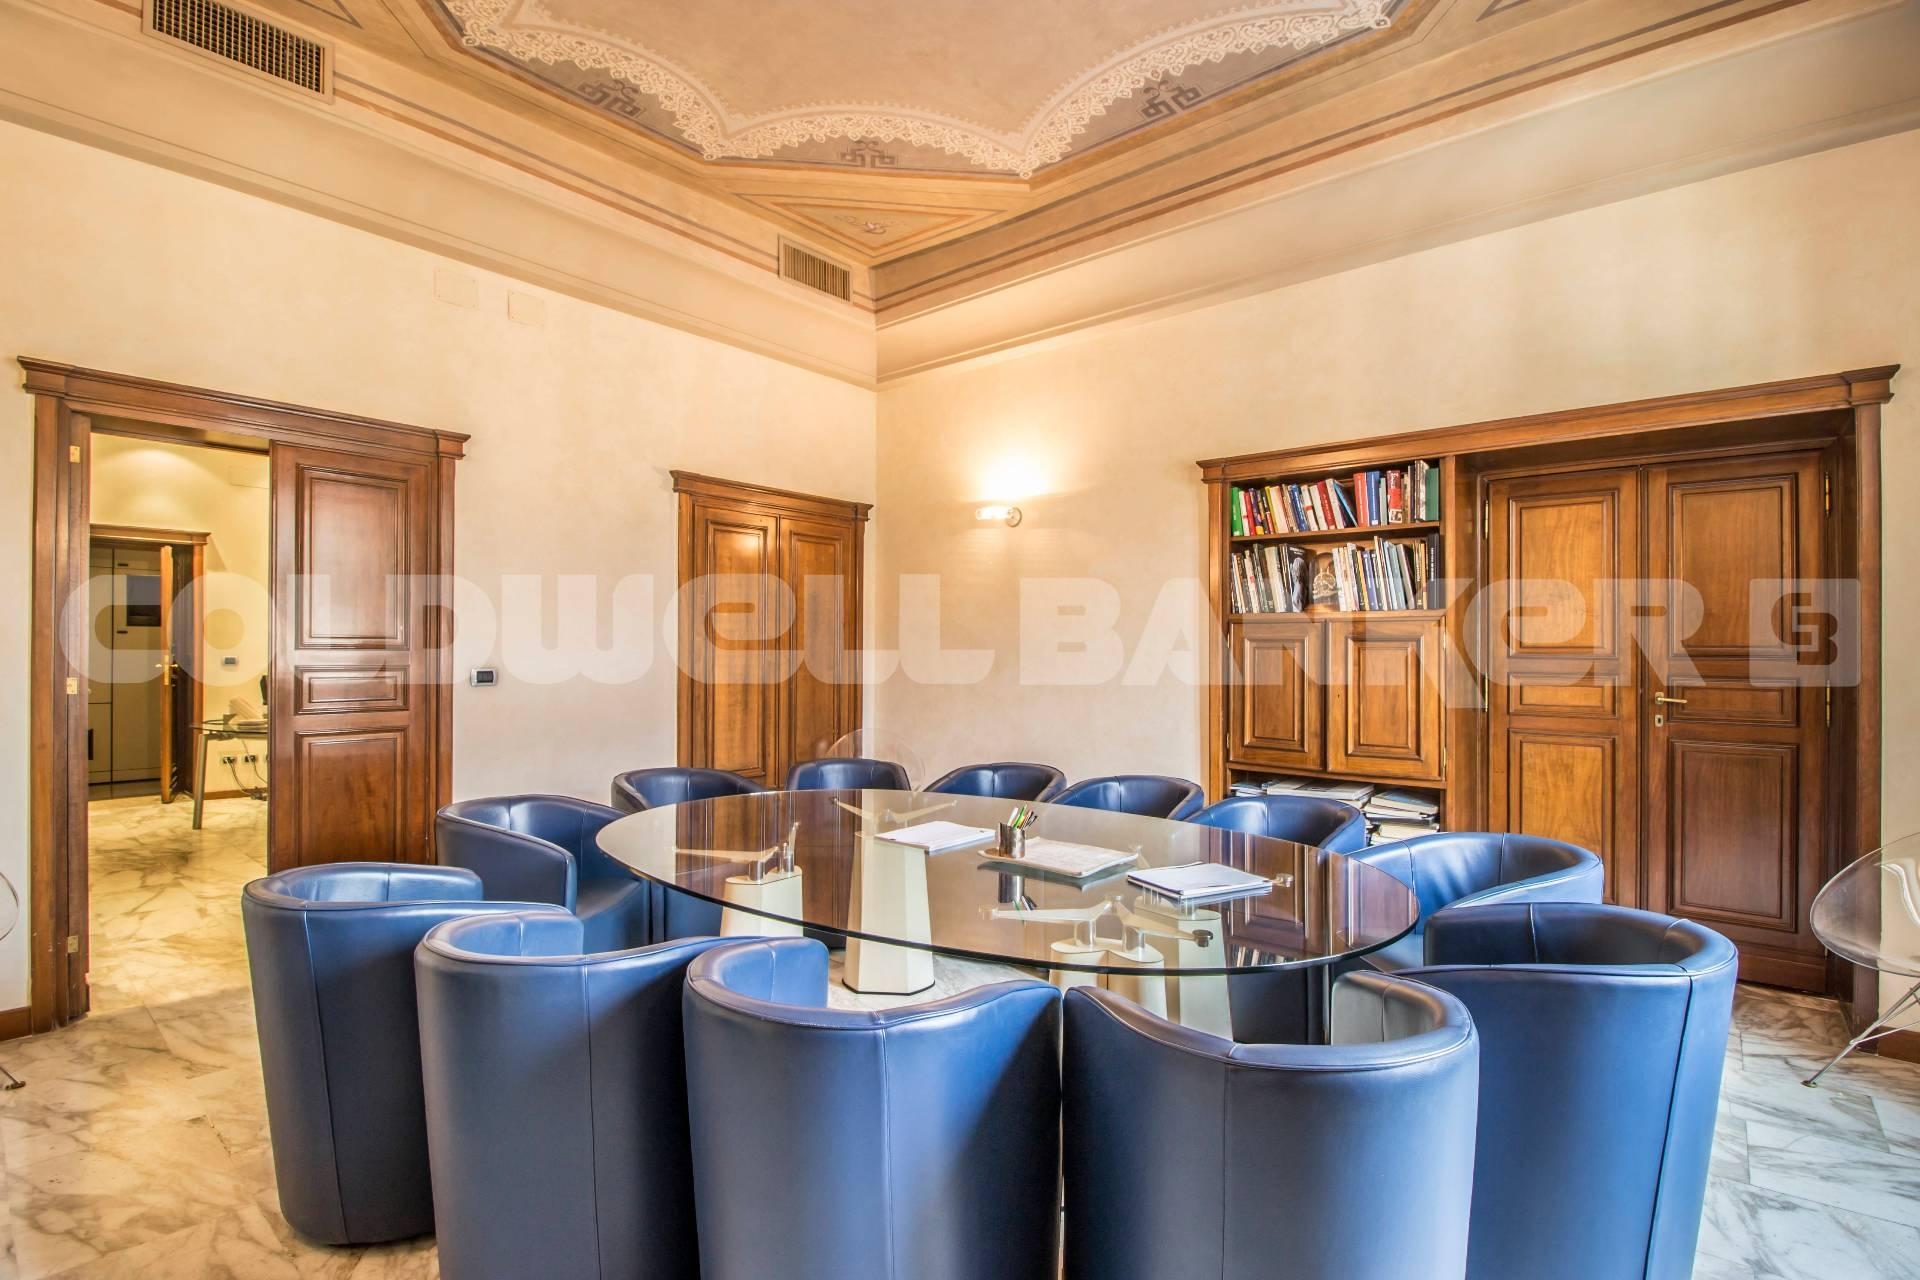 Cbi072 ex1069 ufficio in affitto a roma flaminio for Affitto ufficio giornaliero roma